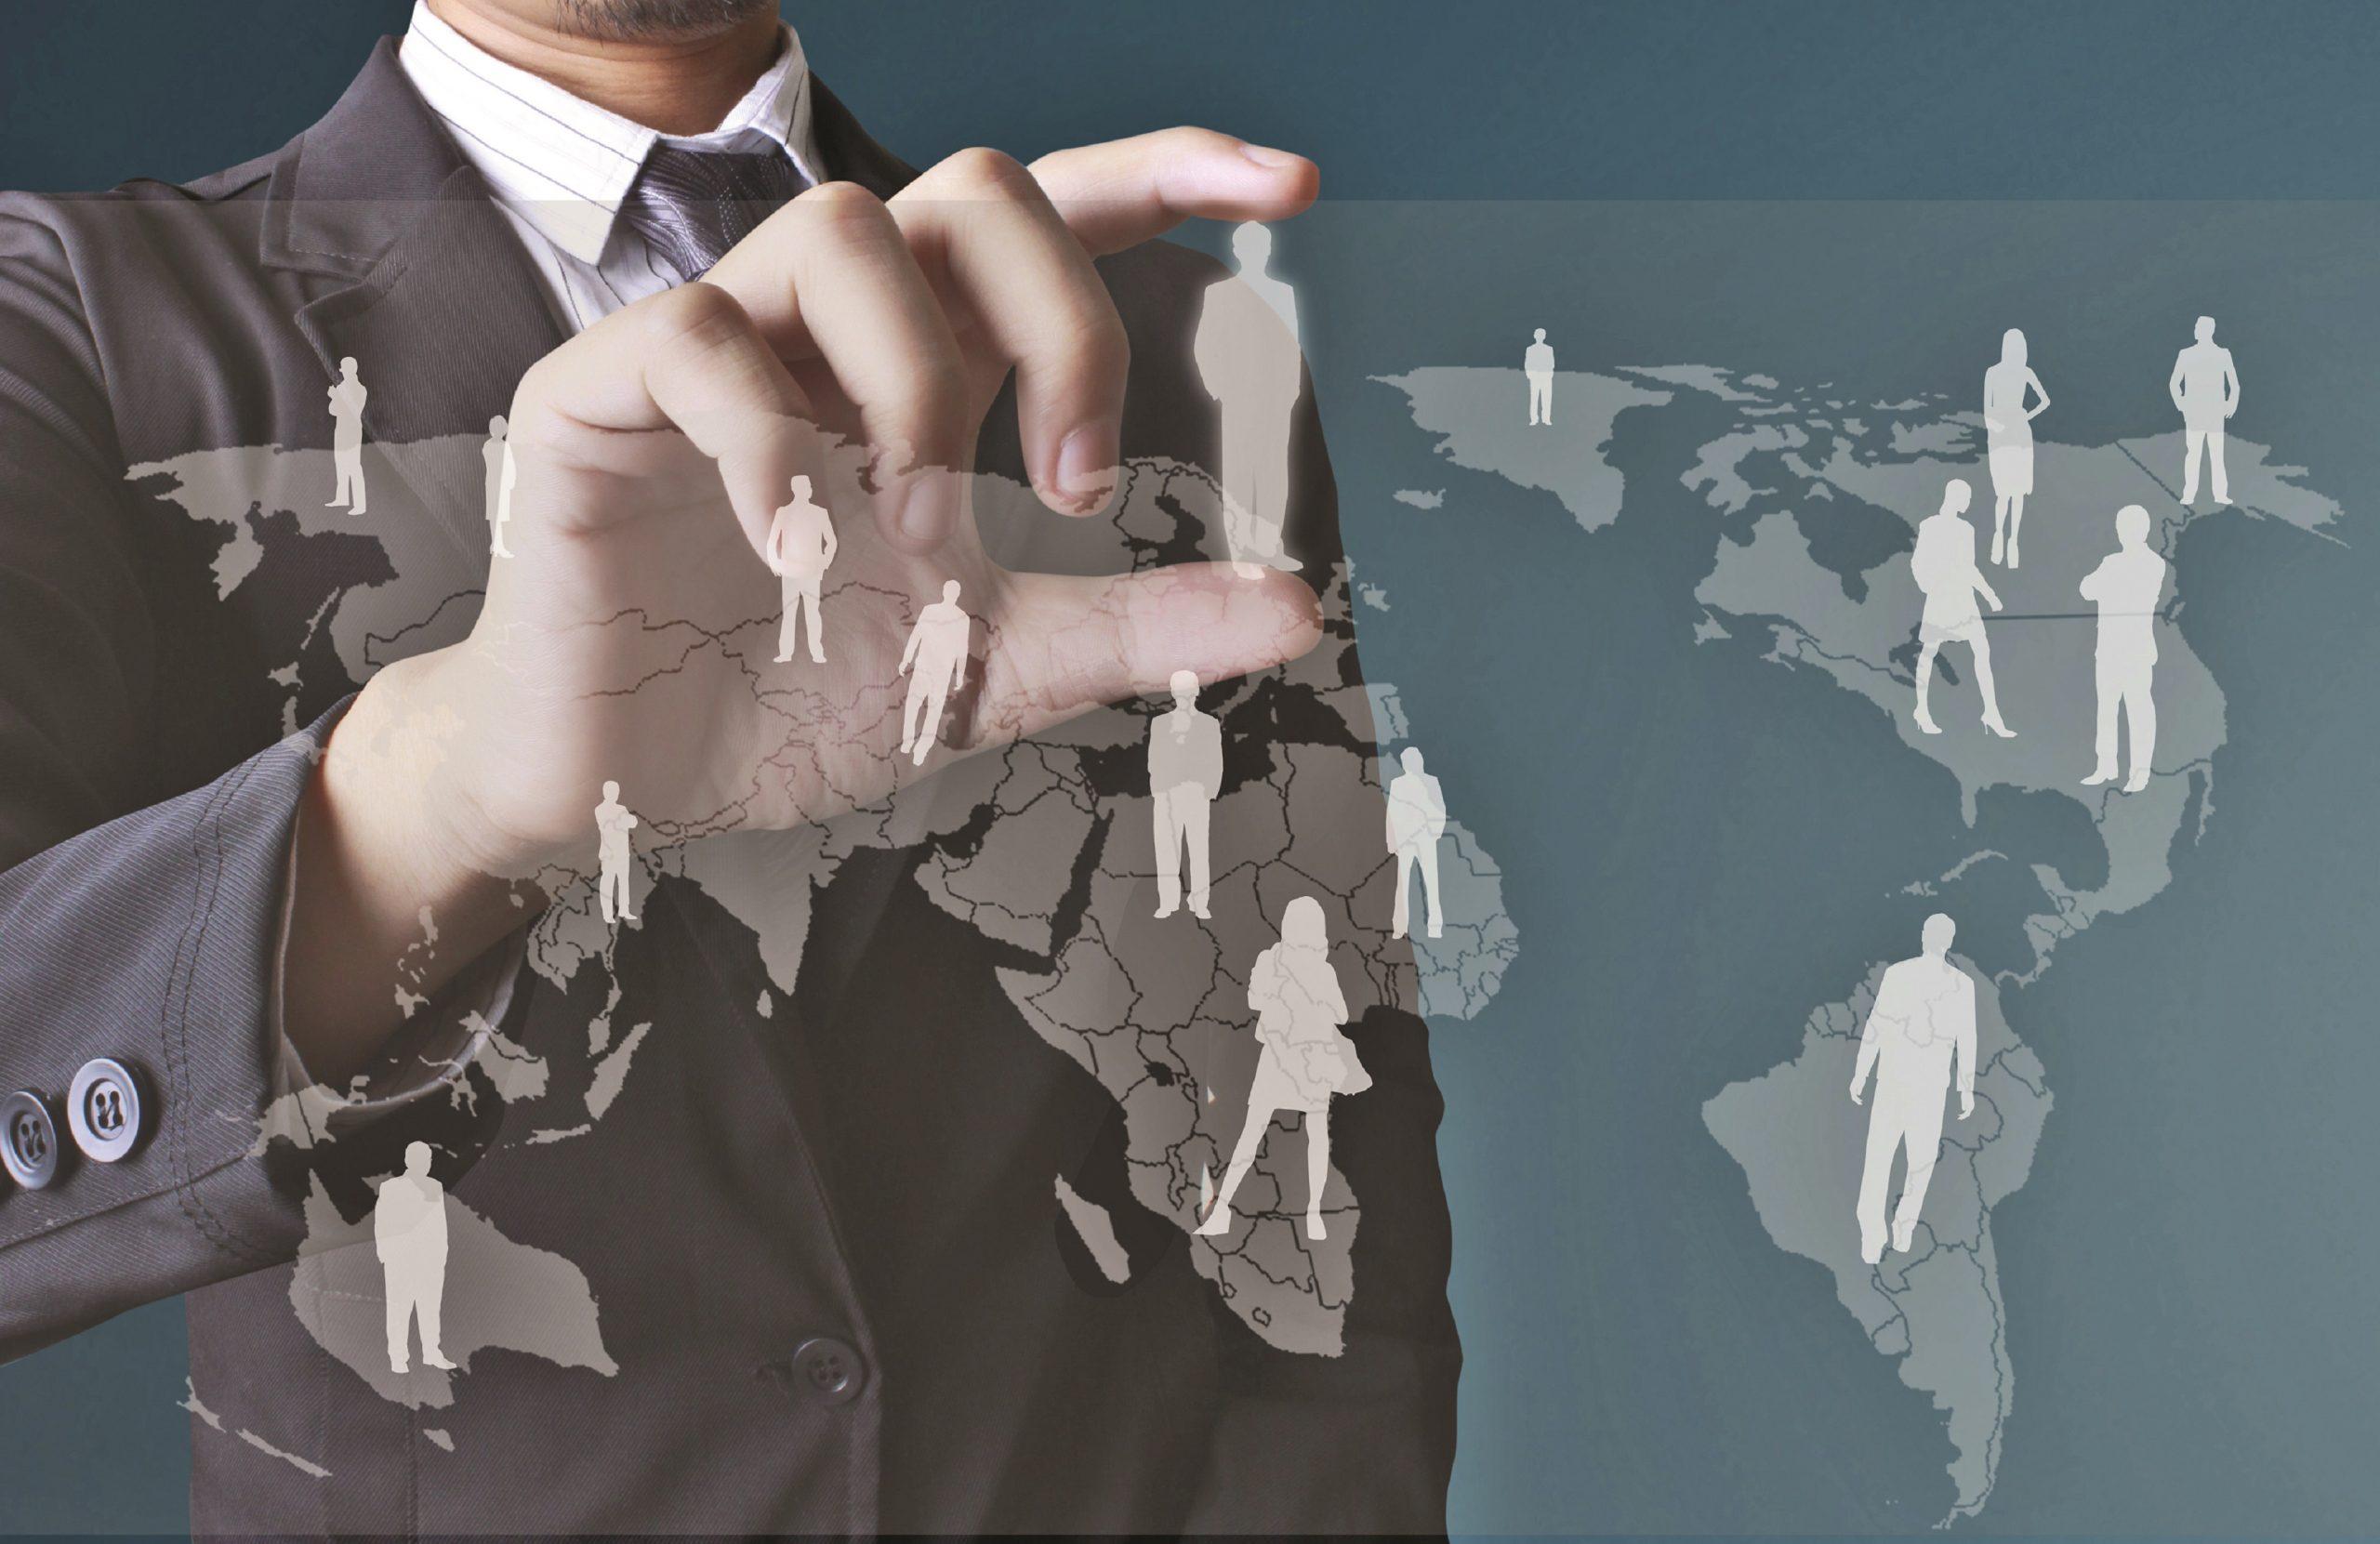 شناسایی و رتبهبندی شاخصهای مهم مدنظر سرمایهگذاران در ارزیابی و انتخاب کارگزاری